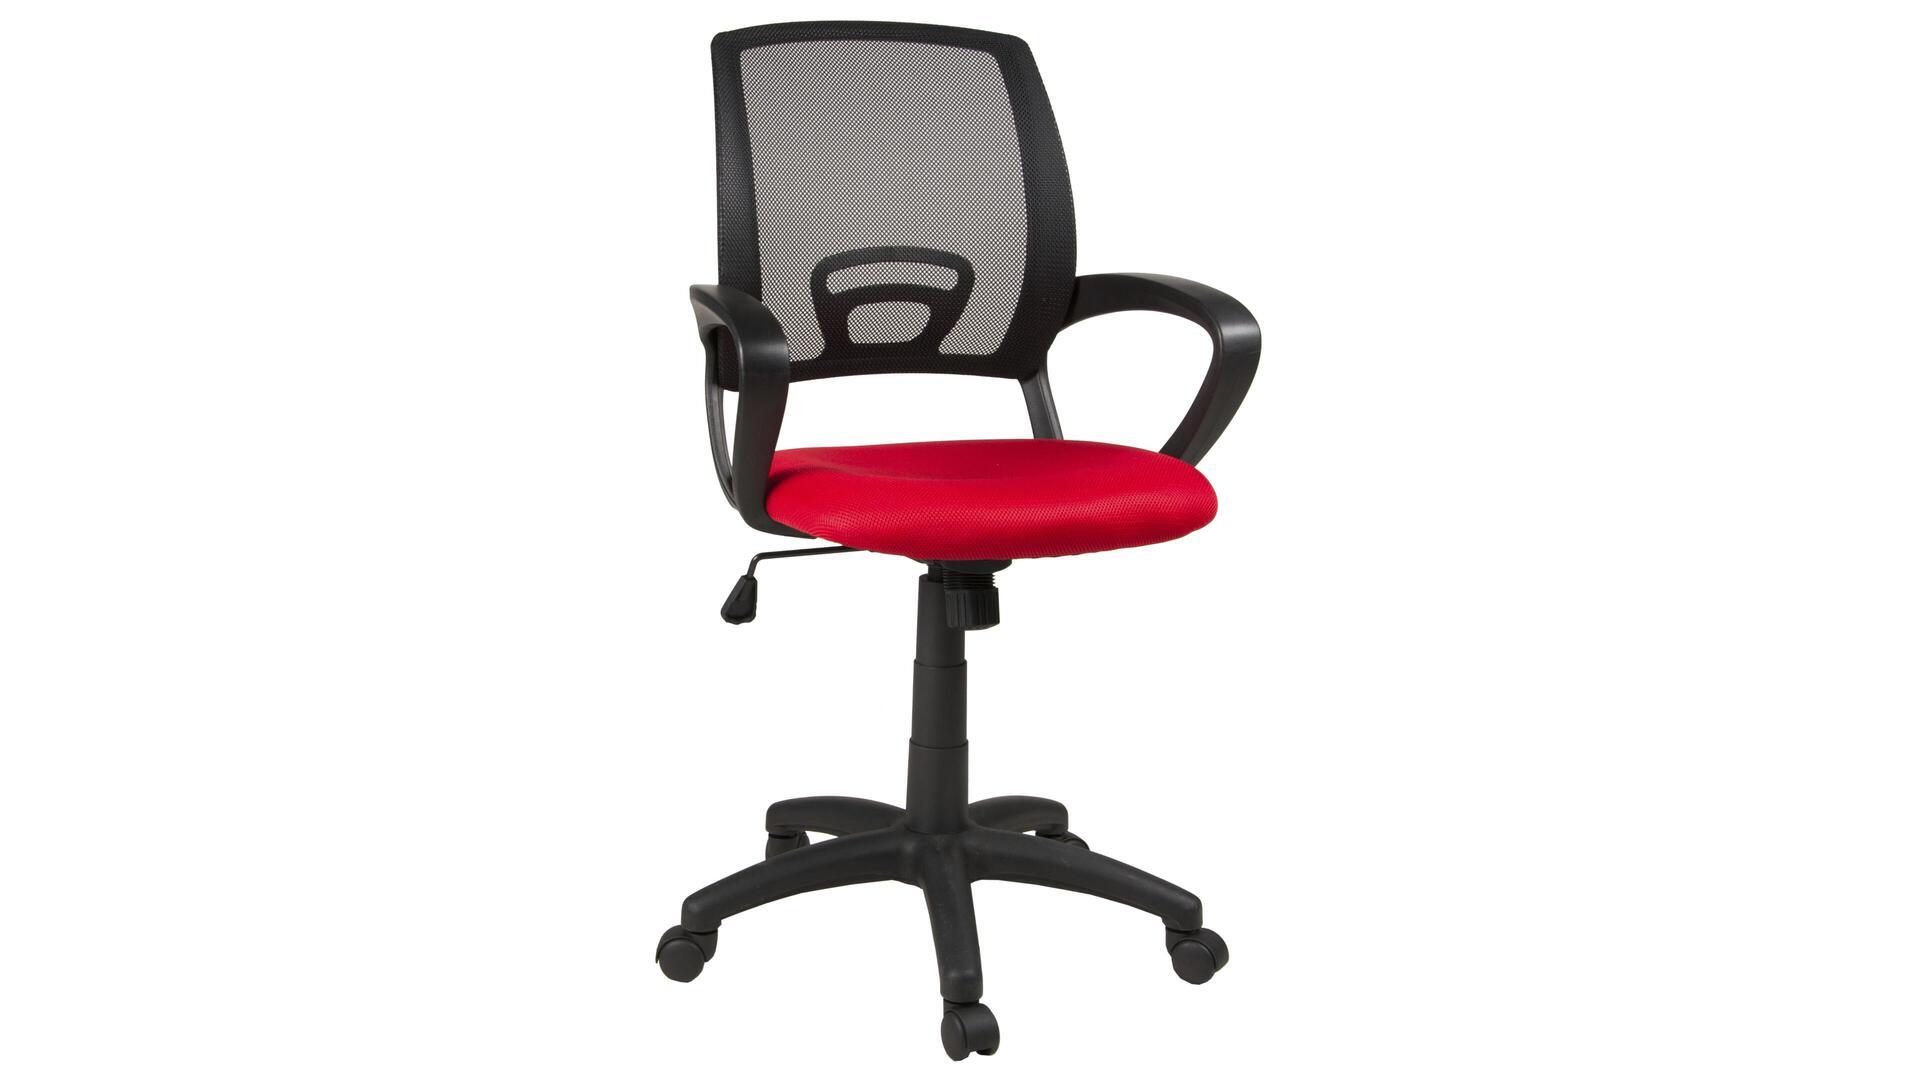 Drehstuhl bzw. Schreibtischstuhl